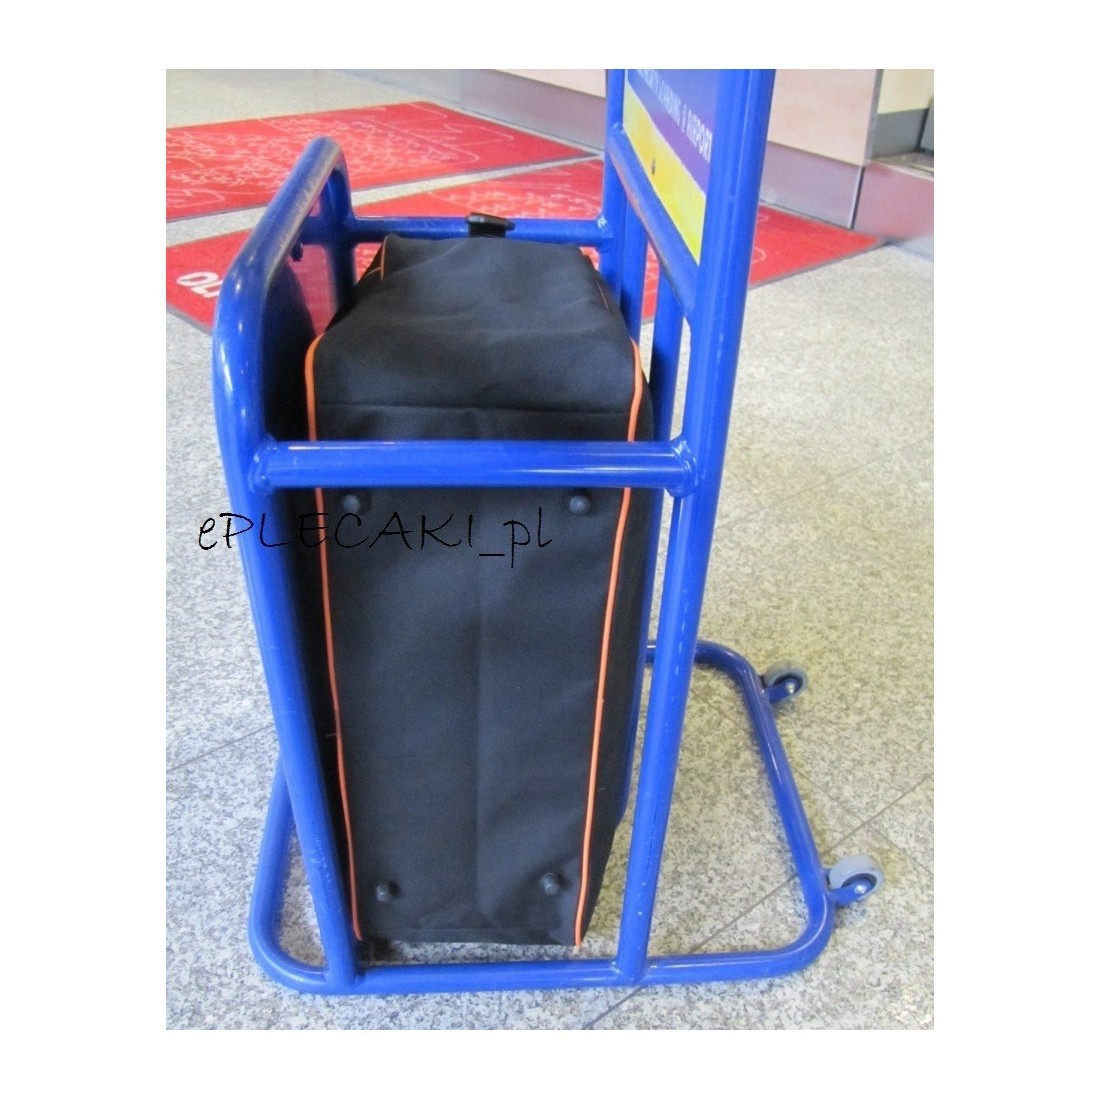 RYANAIR torba - bagaż podręczny - kieszeń na LAPTOP - niebieska lamówka - plecak-tornister.pl